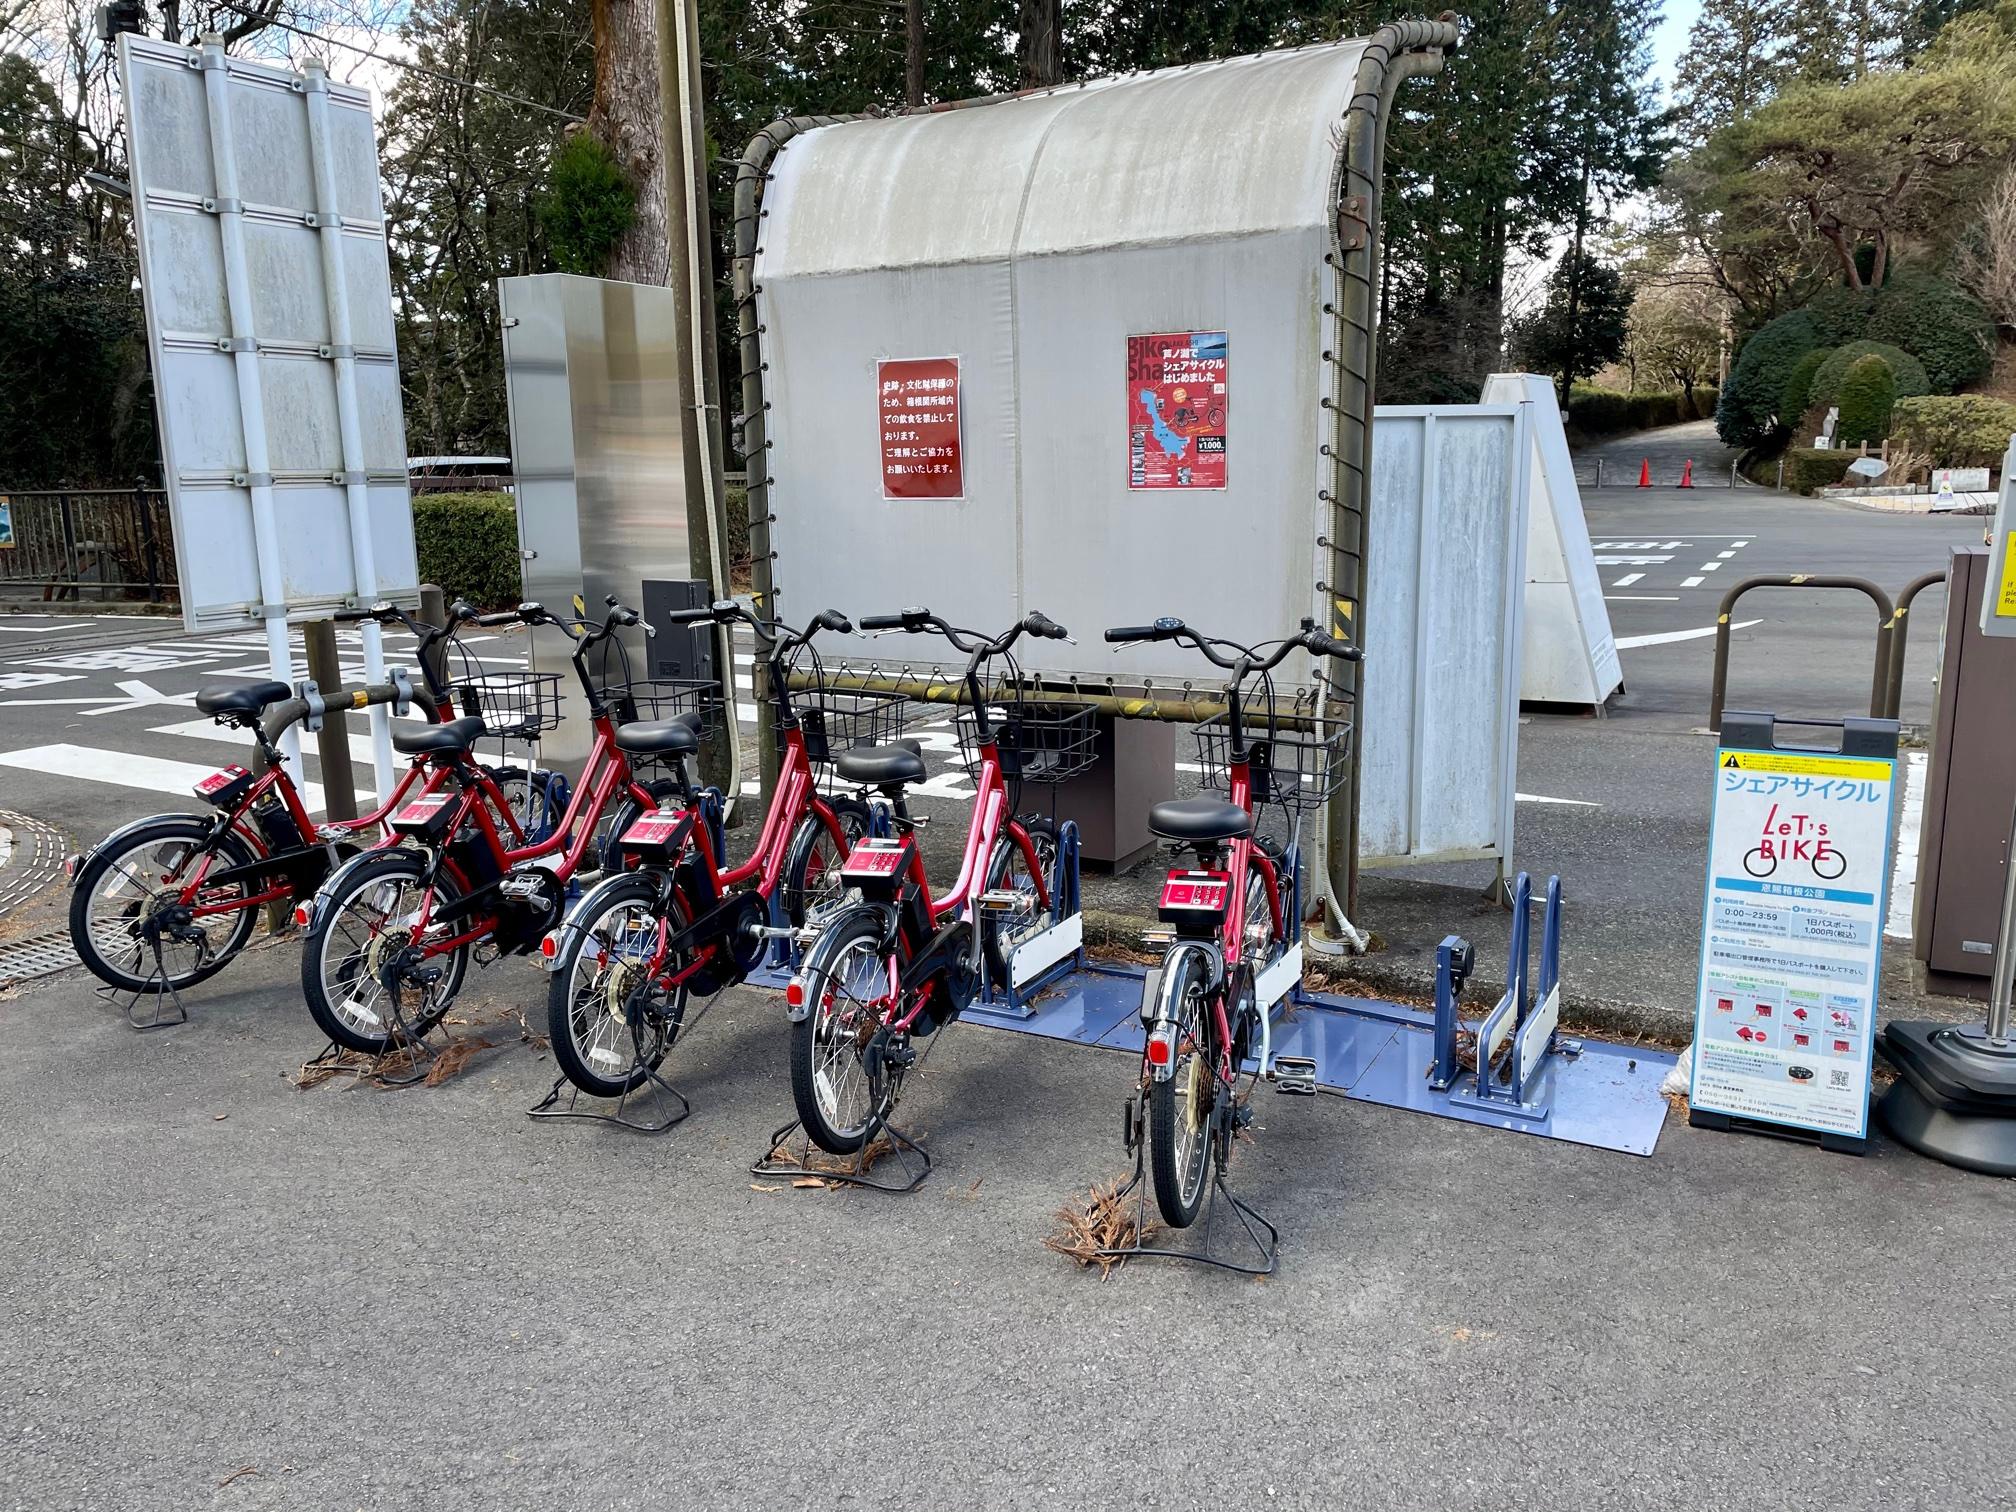 恩賜公園駐車場では自転車も借りられる